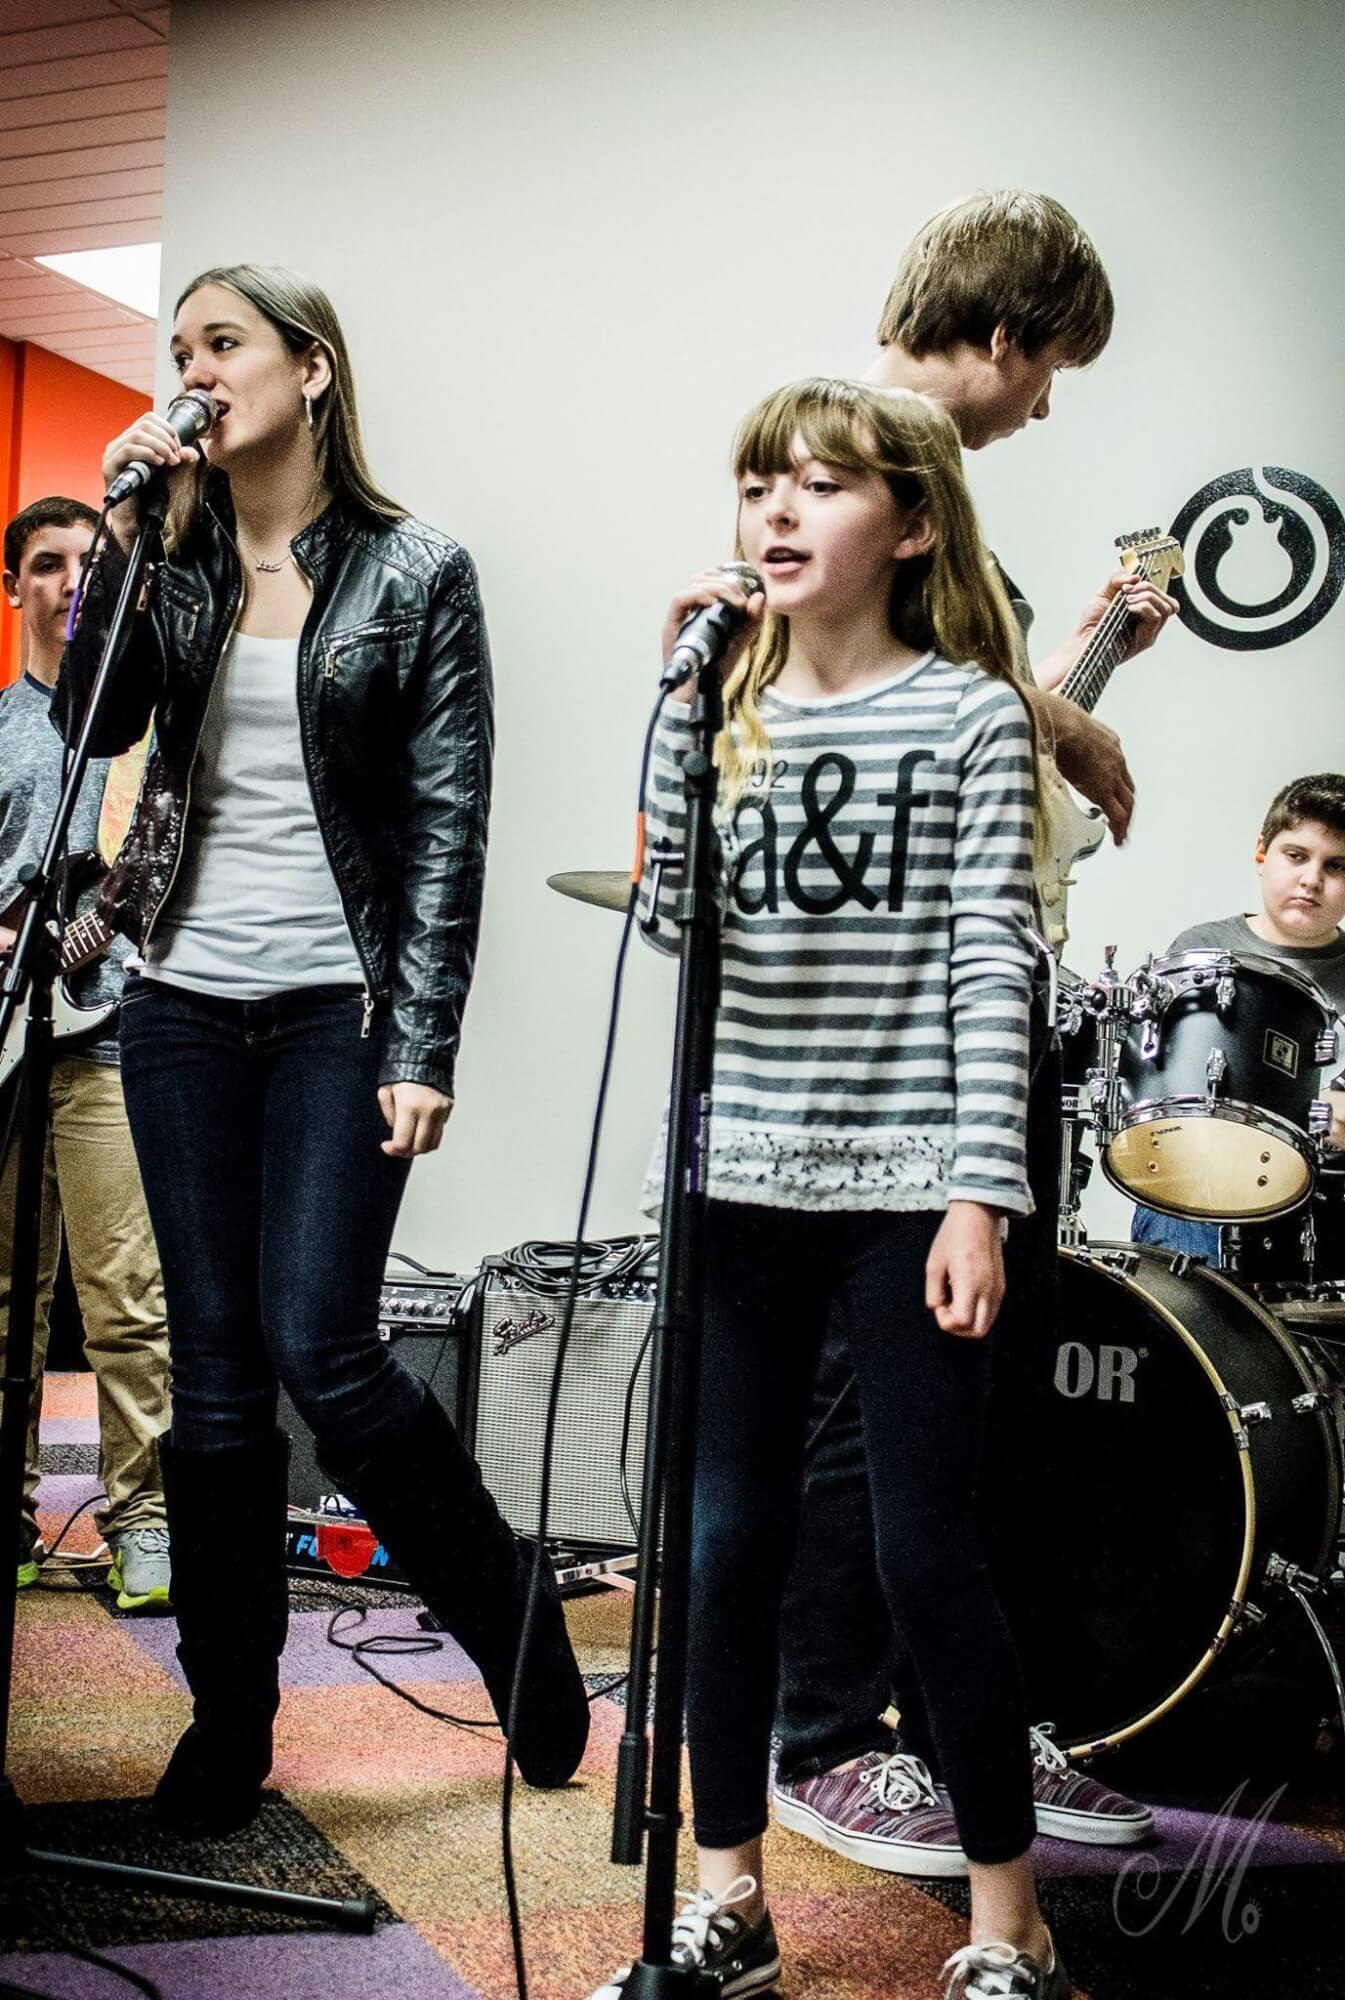 SOR Dublin performance program band